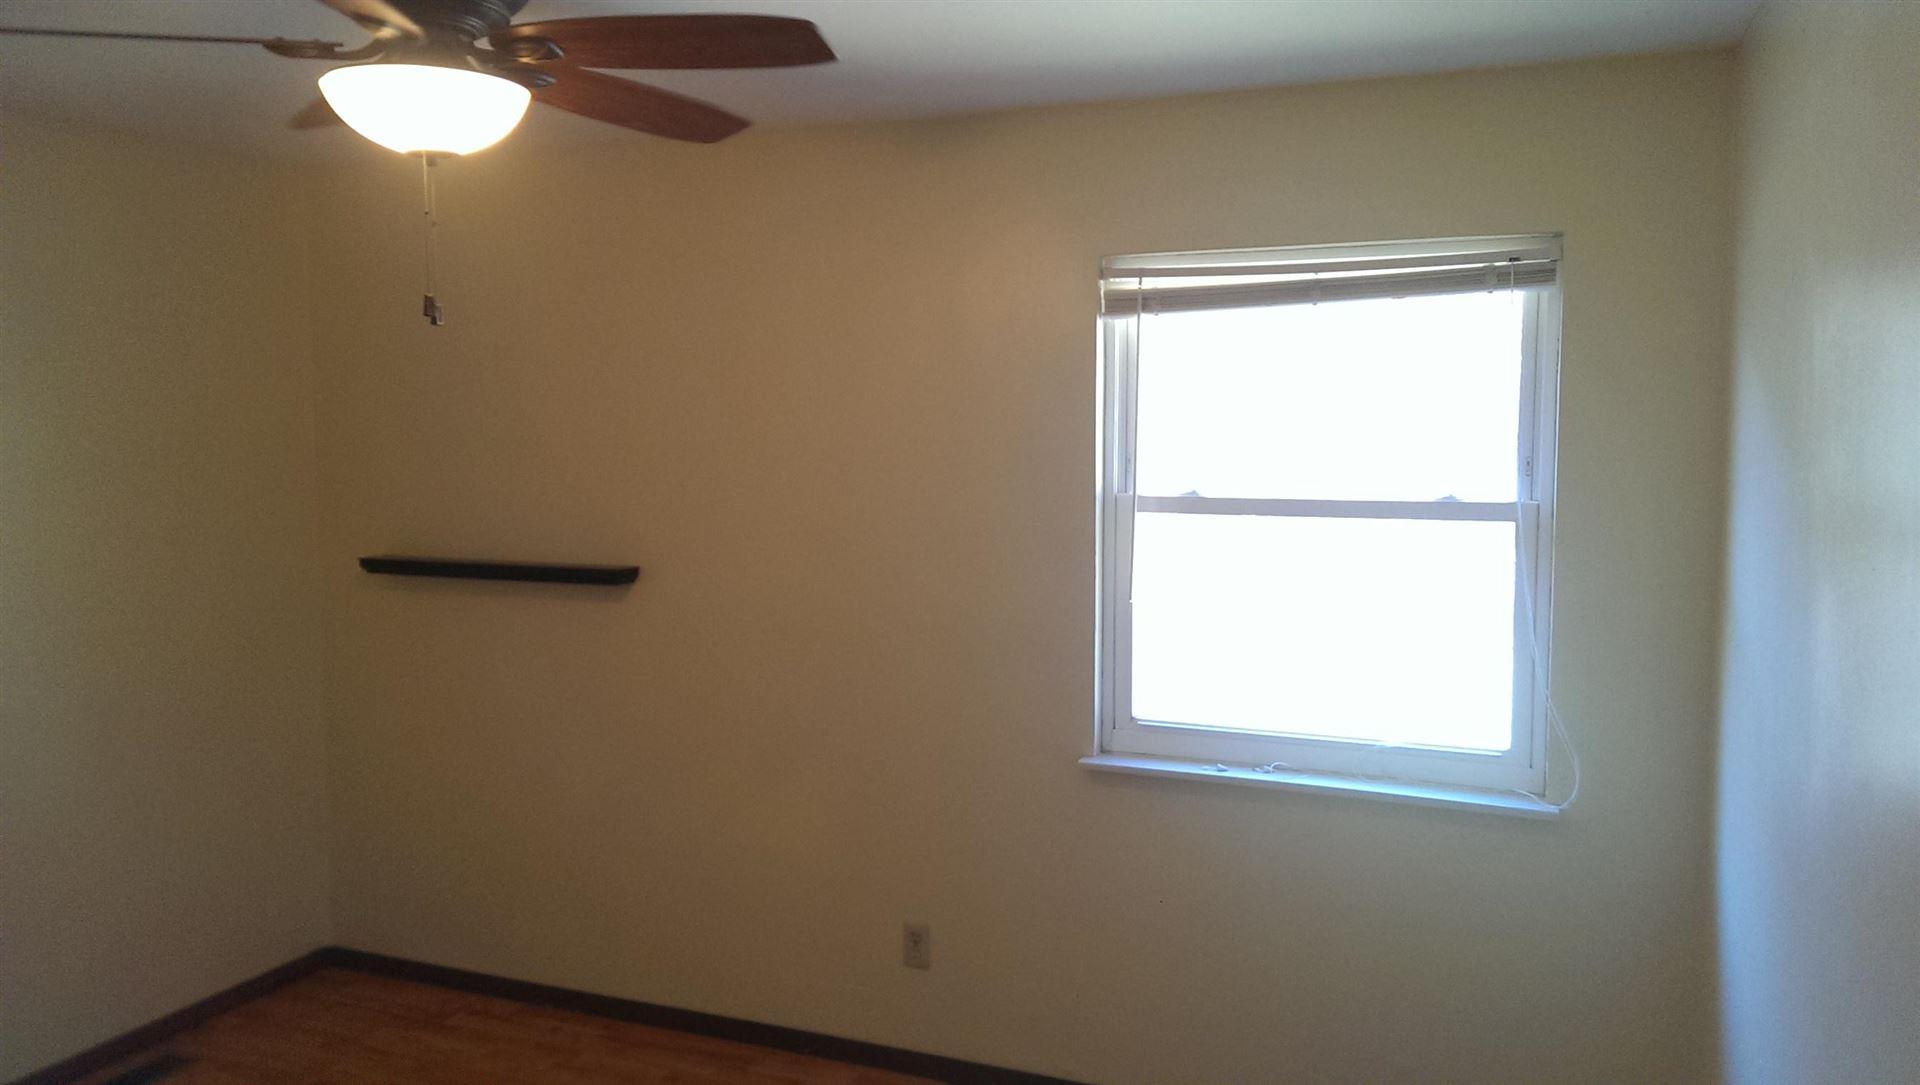 Photo of 711 Lippencott St, Knoxville, TN 37920 (MLS # 1154834)